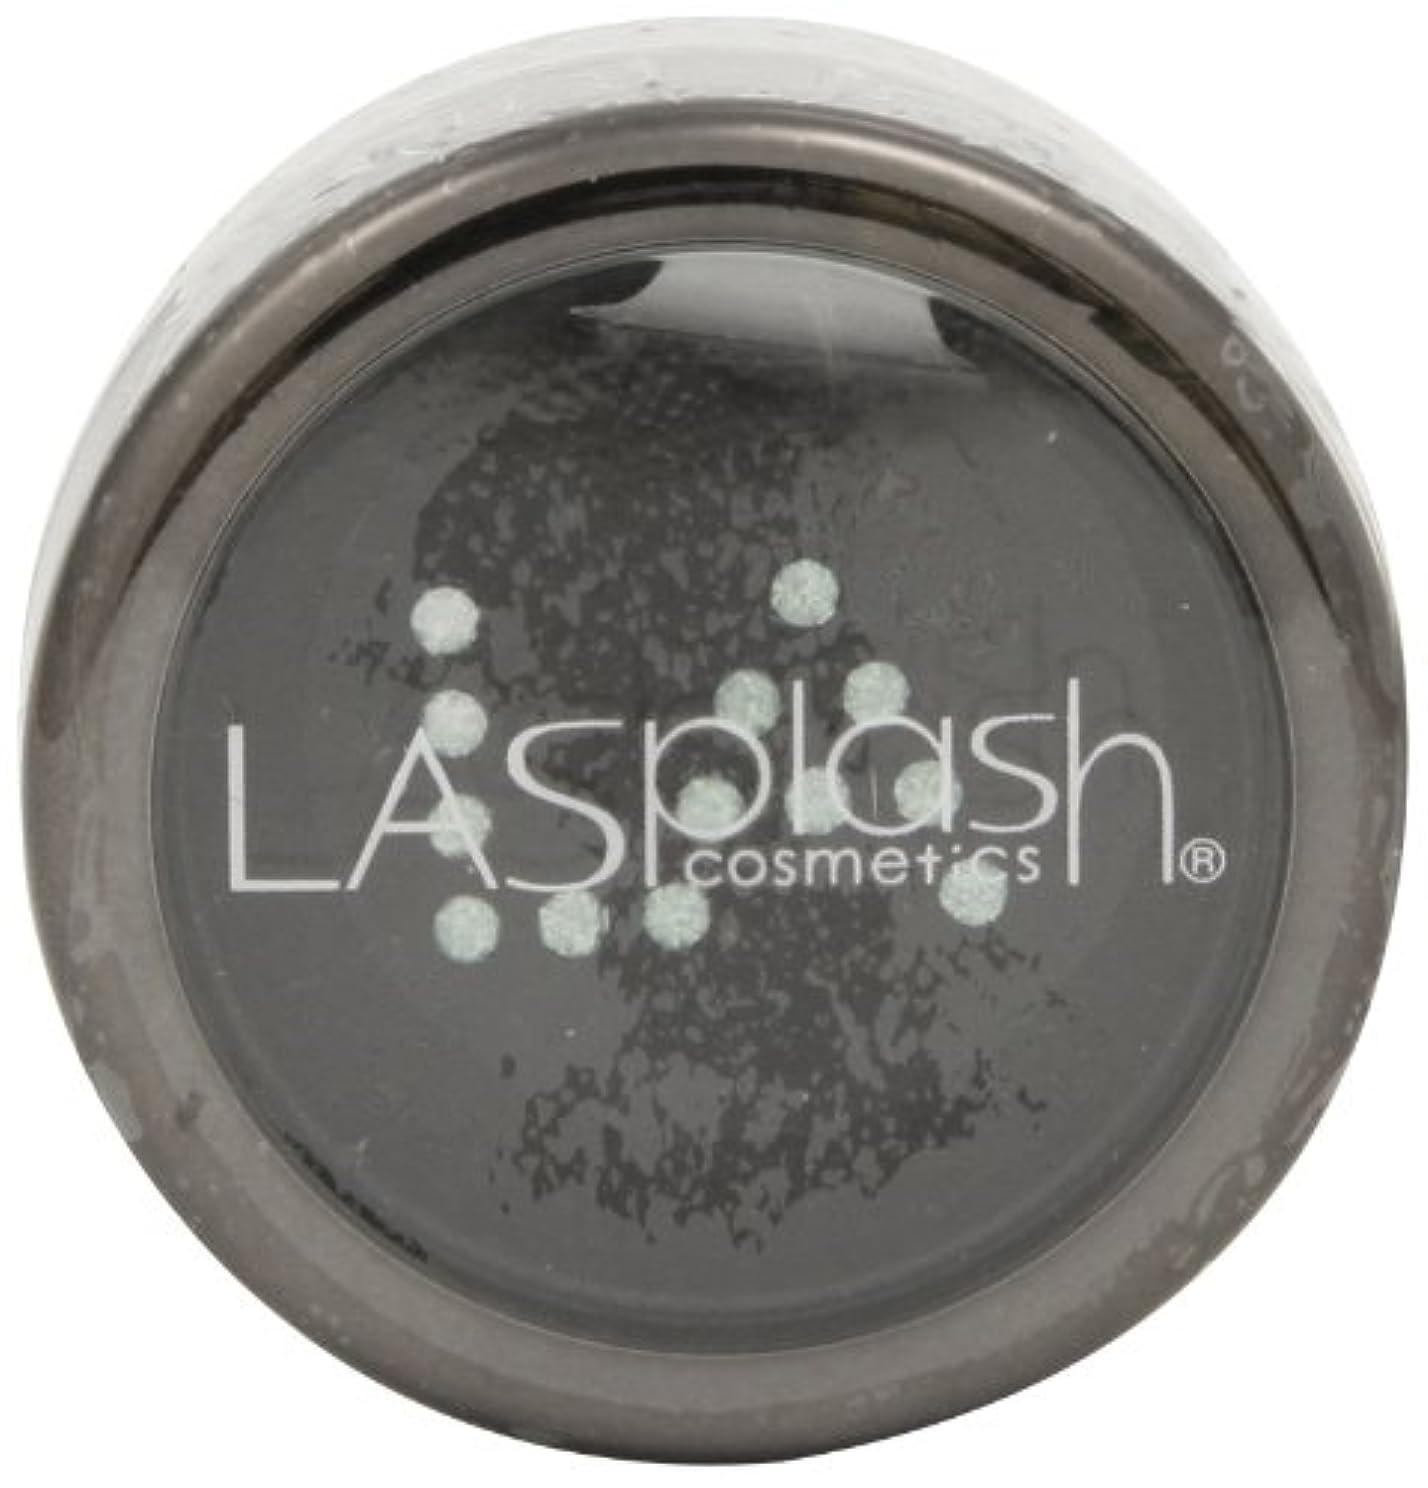 処方ビデオスキャンダルLASplash ダイヤモンドダストアイシャドウ632エメラルドホワイト